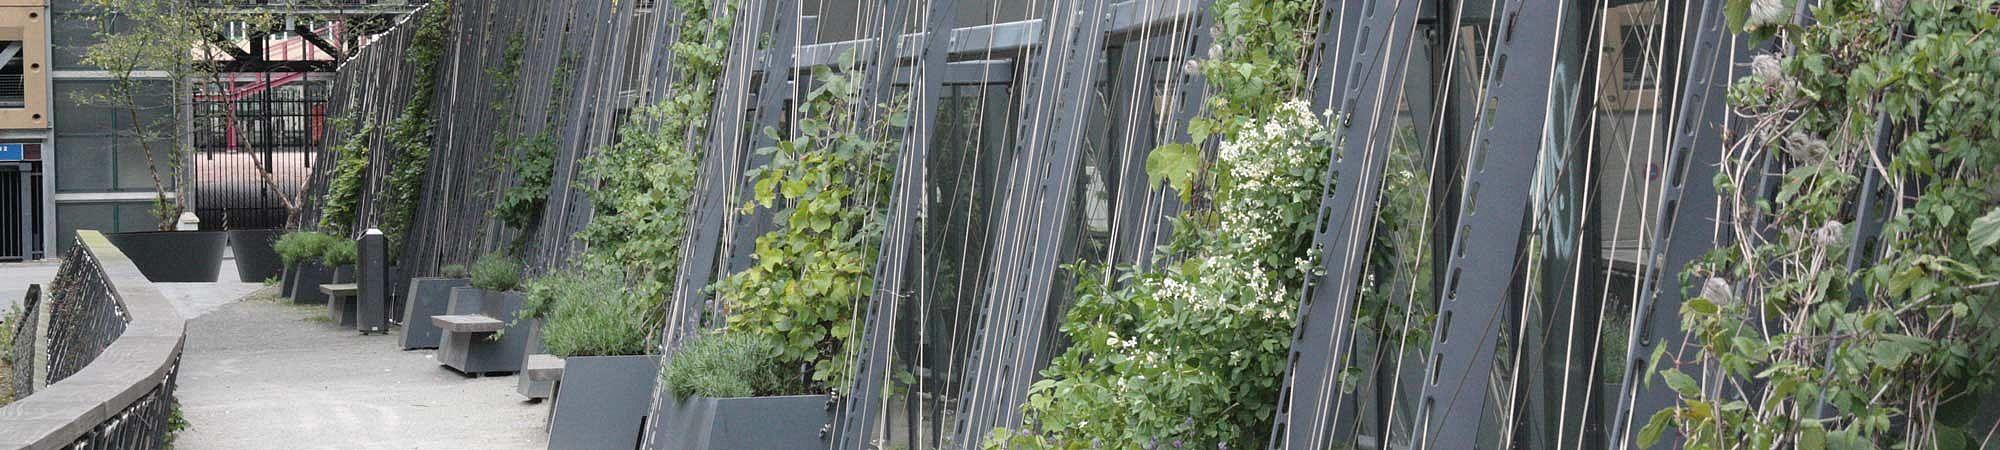 Ichtushof Begrünung I-SYS Edelstahl-Seilsystem